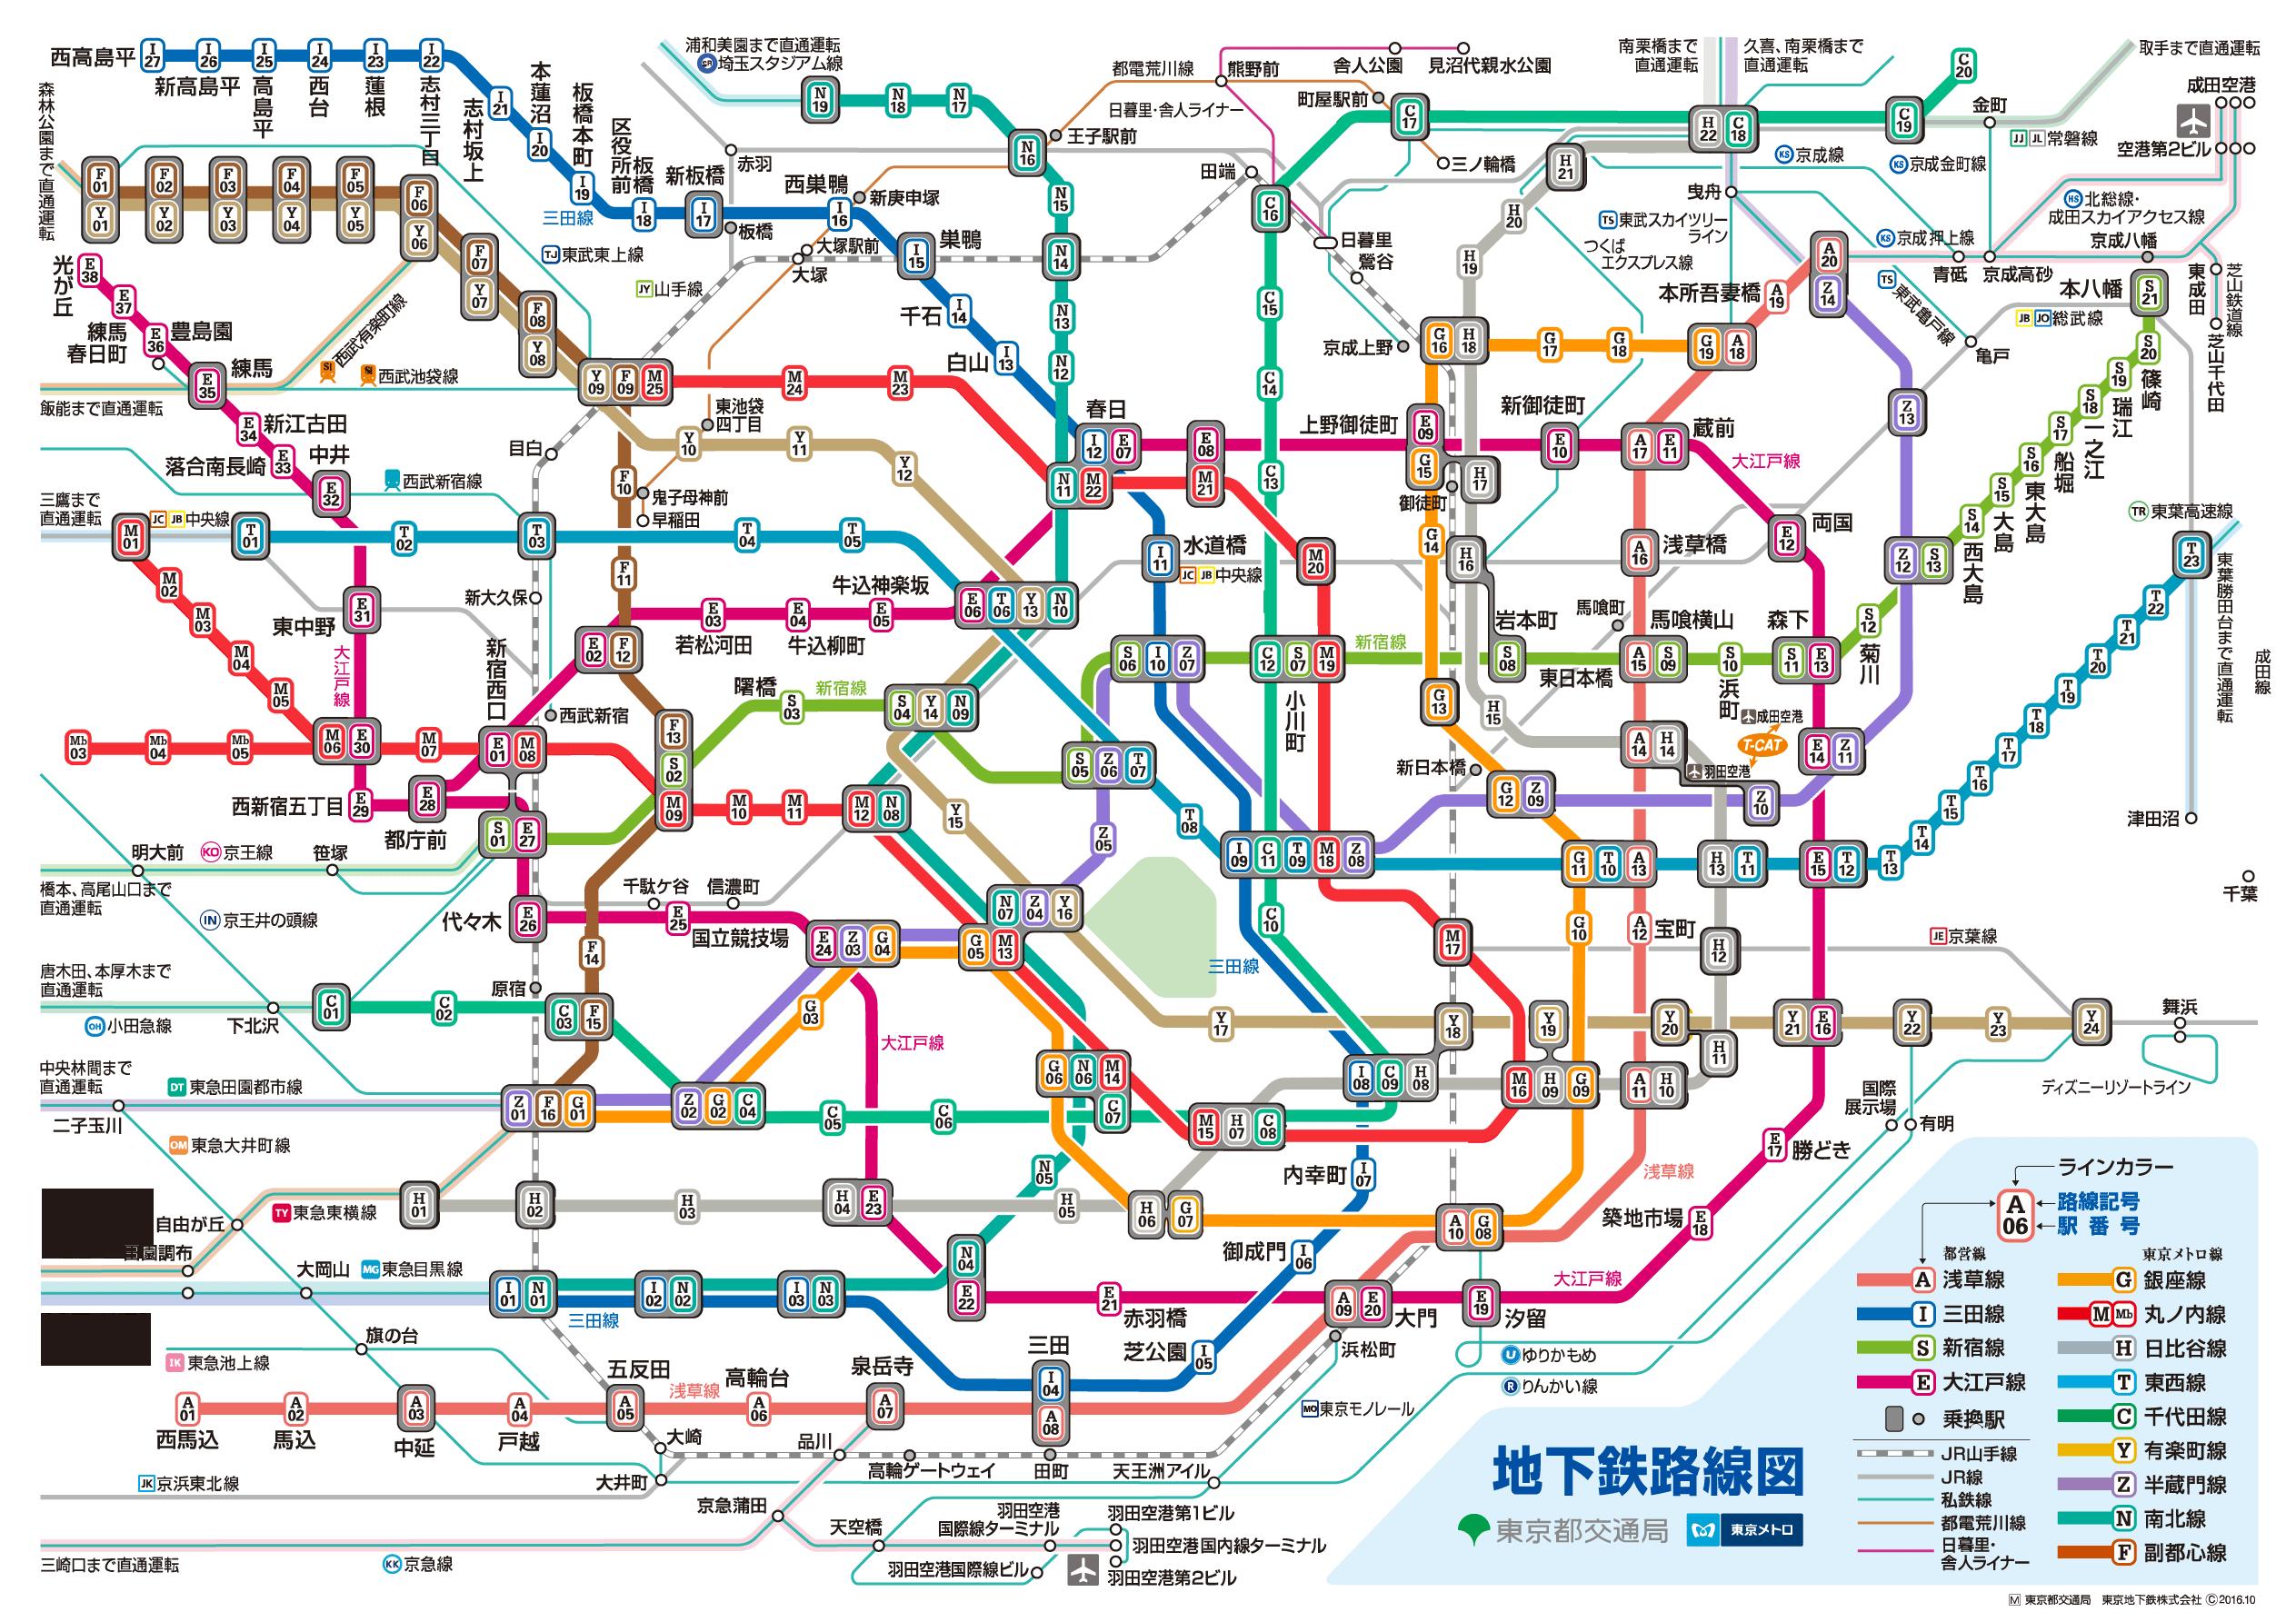 曙橋 | 東京都交通局 - kotsu.metro.tokyo.jp